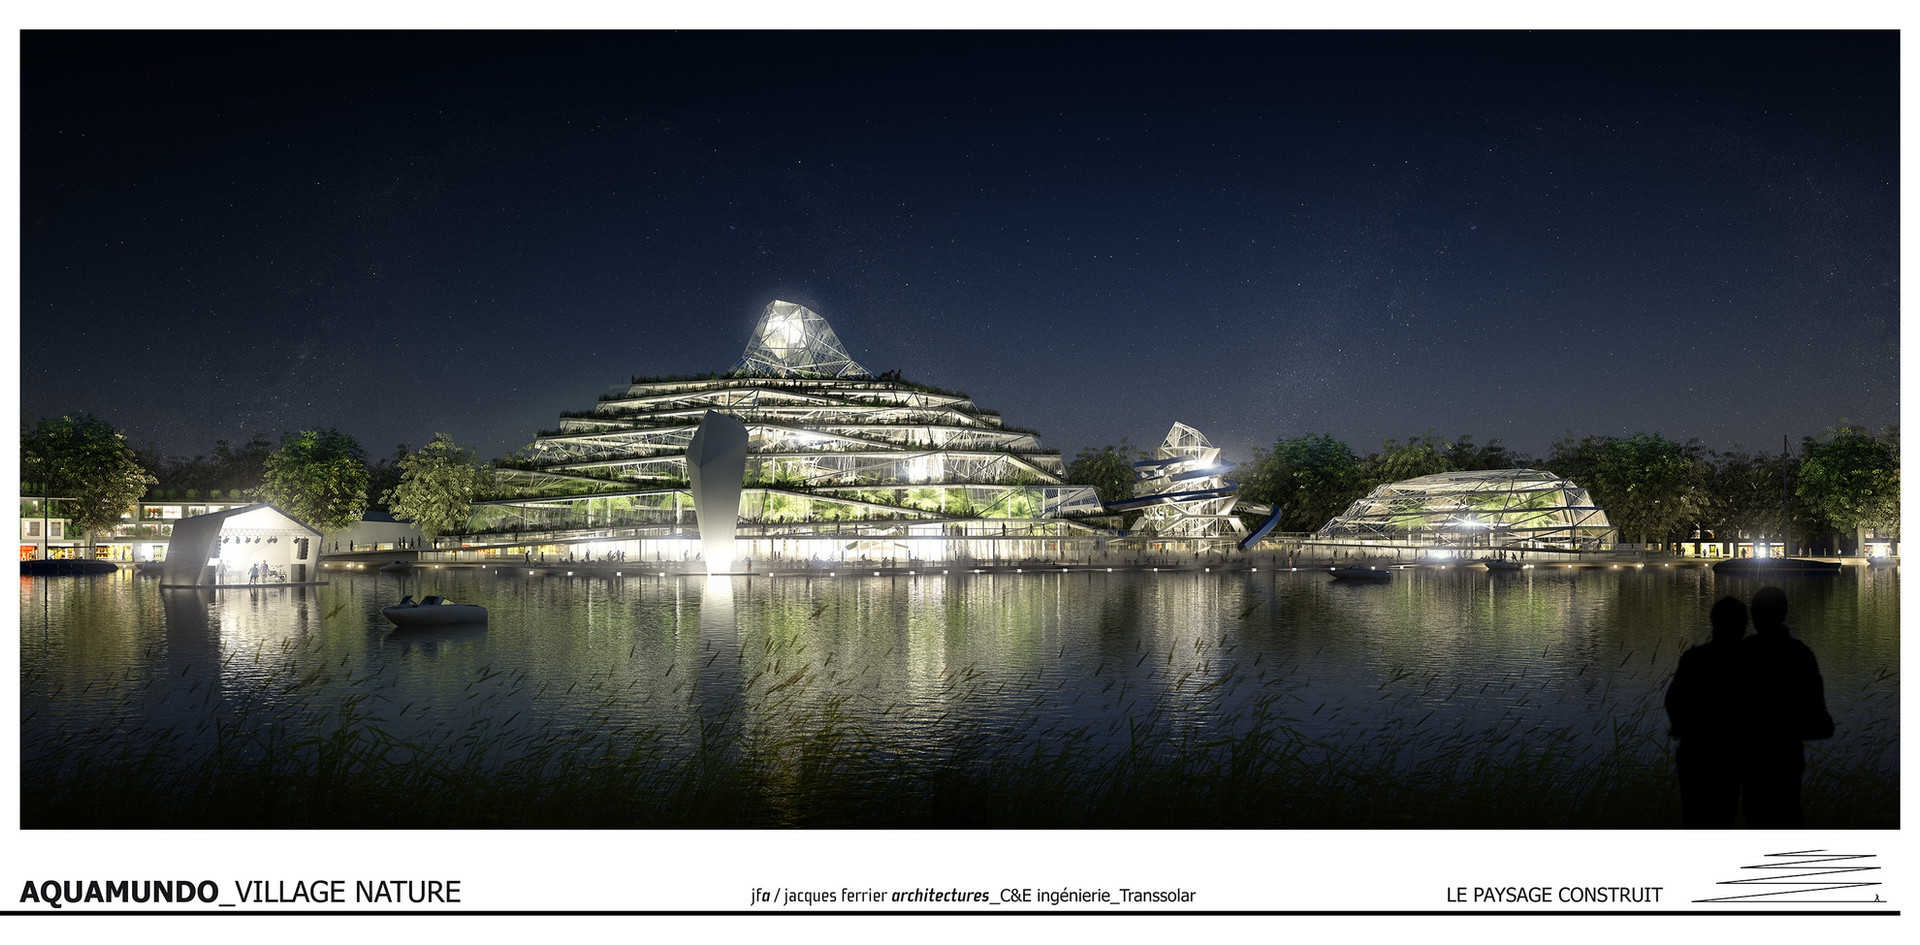 Aquamundo - Village Nature   Jacques Ferrier Architectures   Paris - France